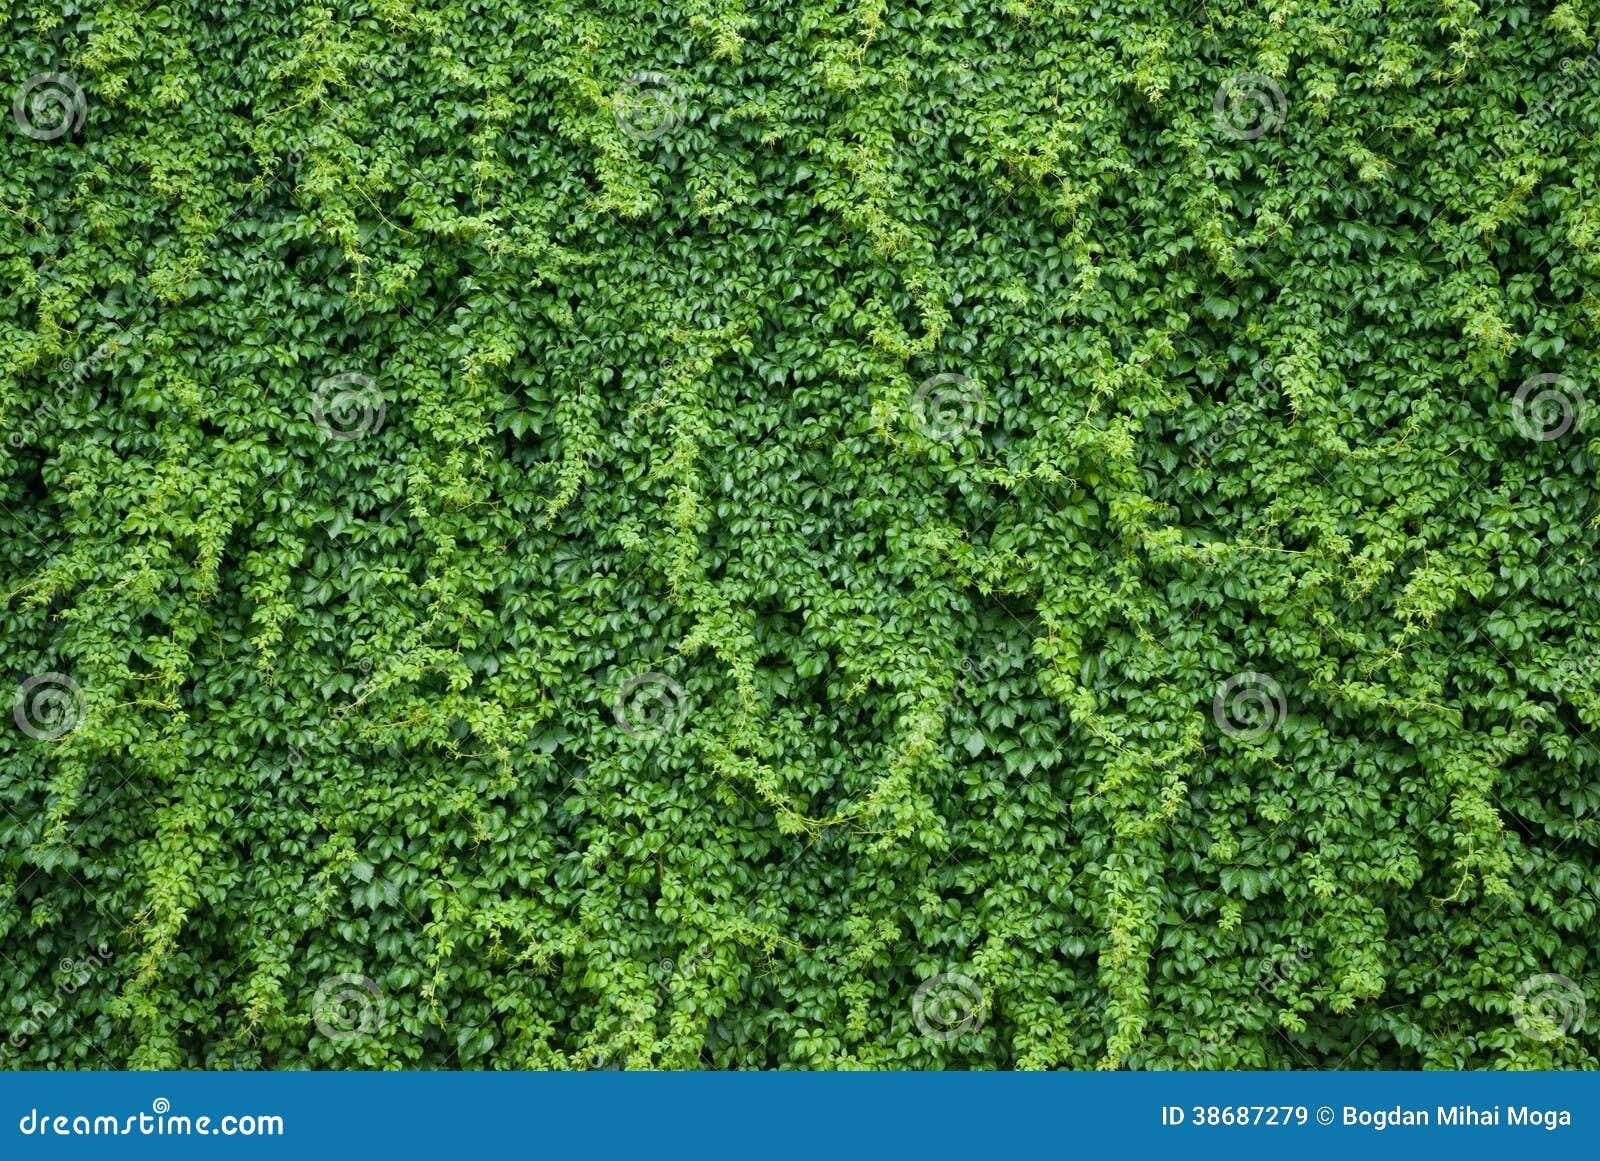 Muur met groene klimopbladeren